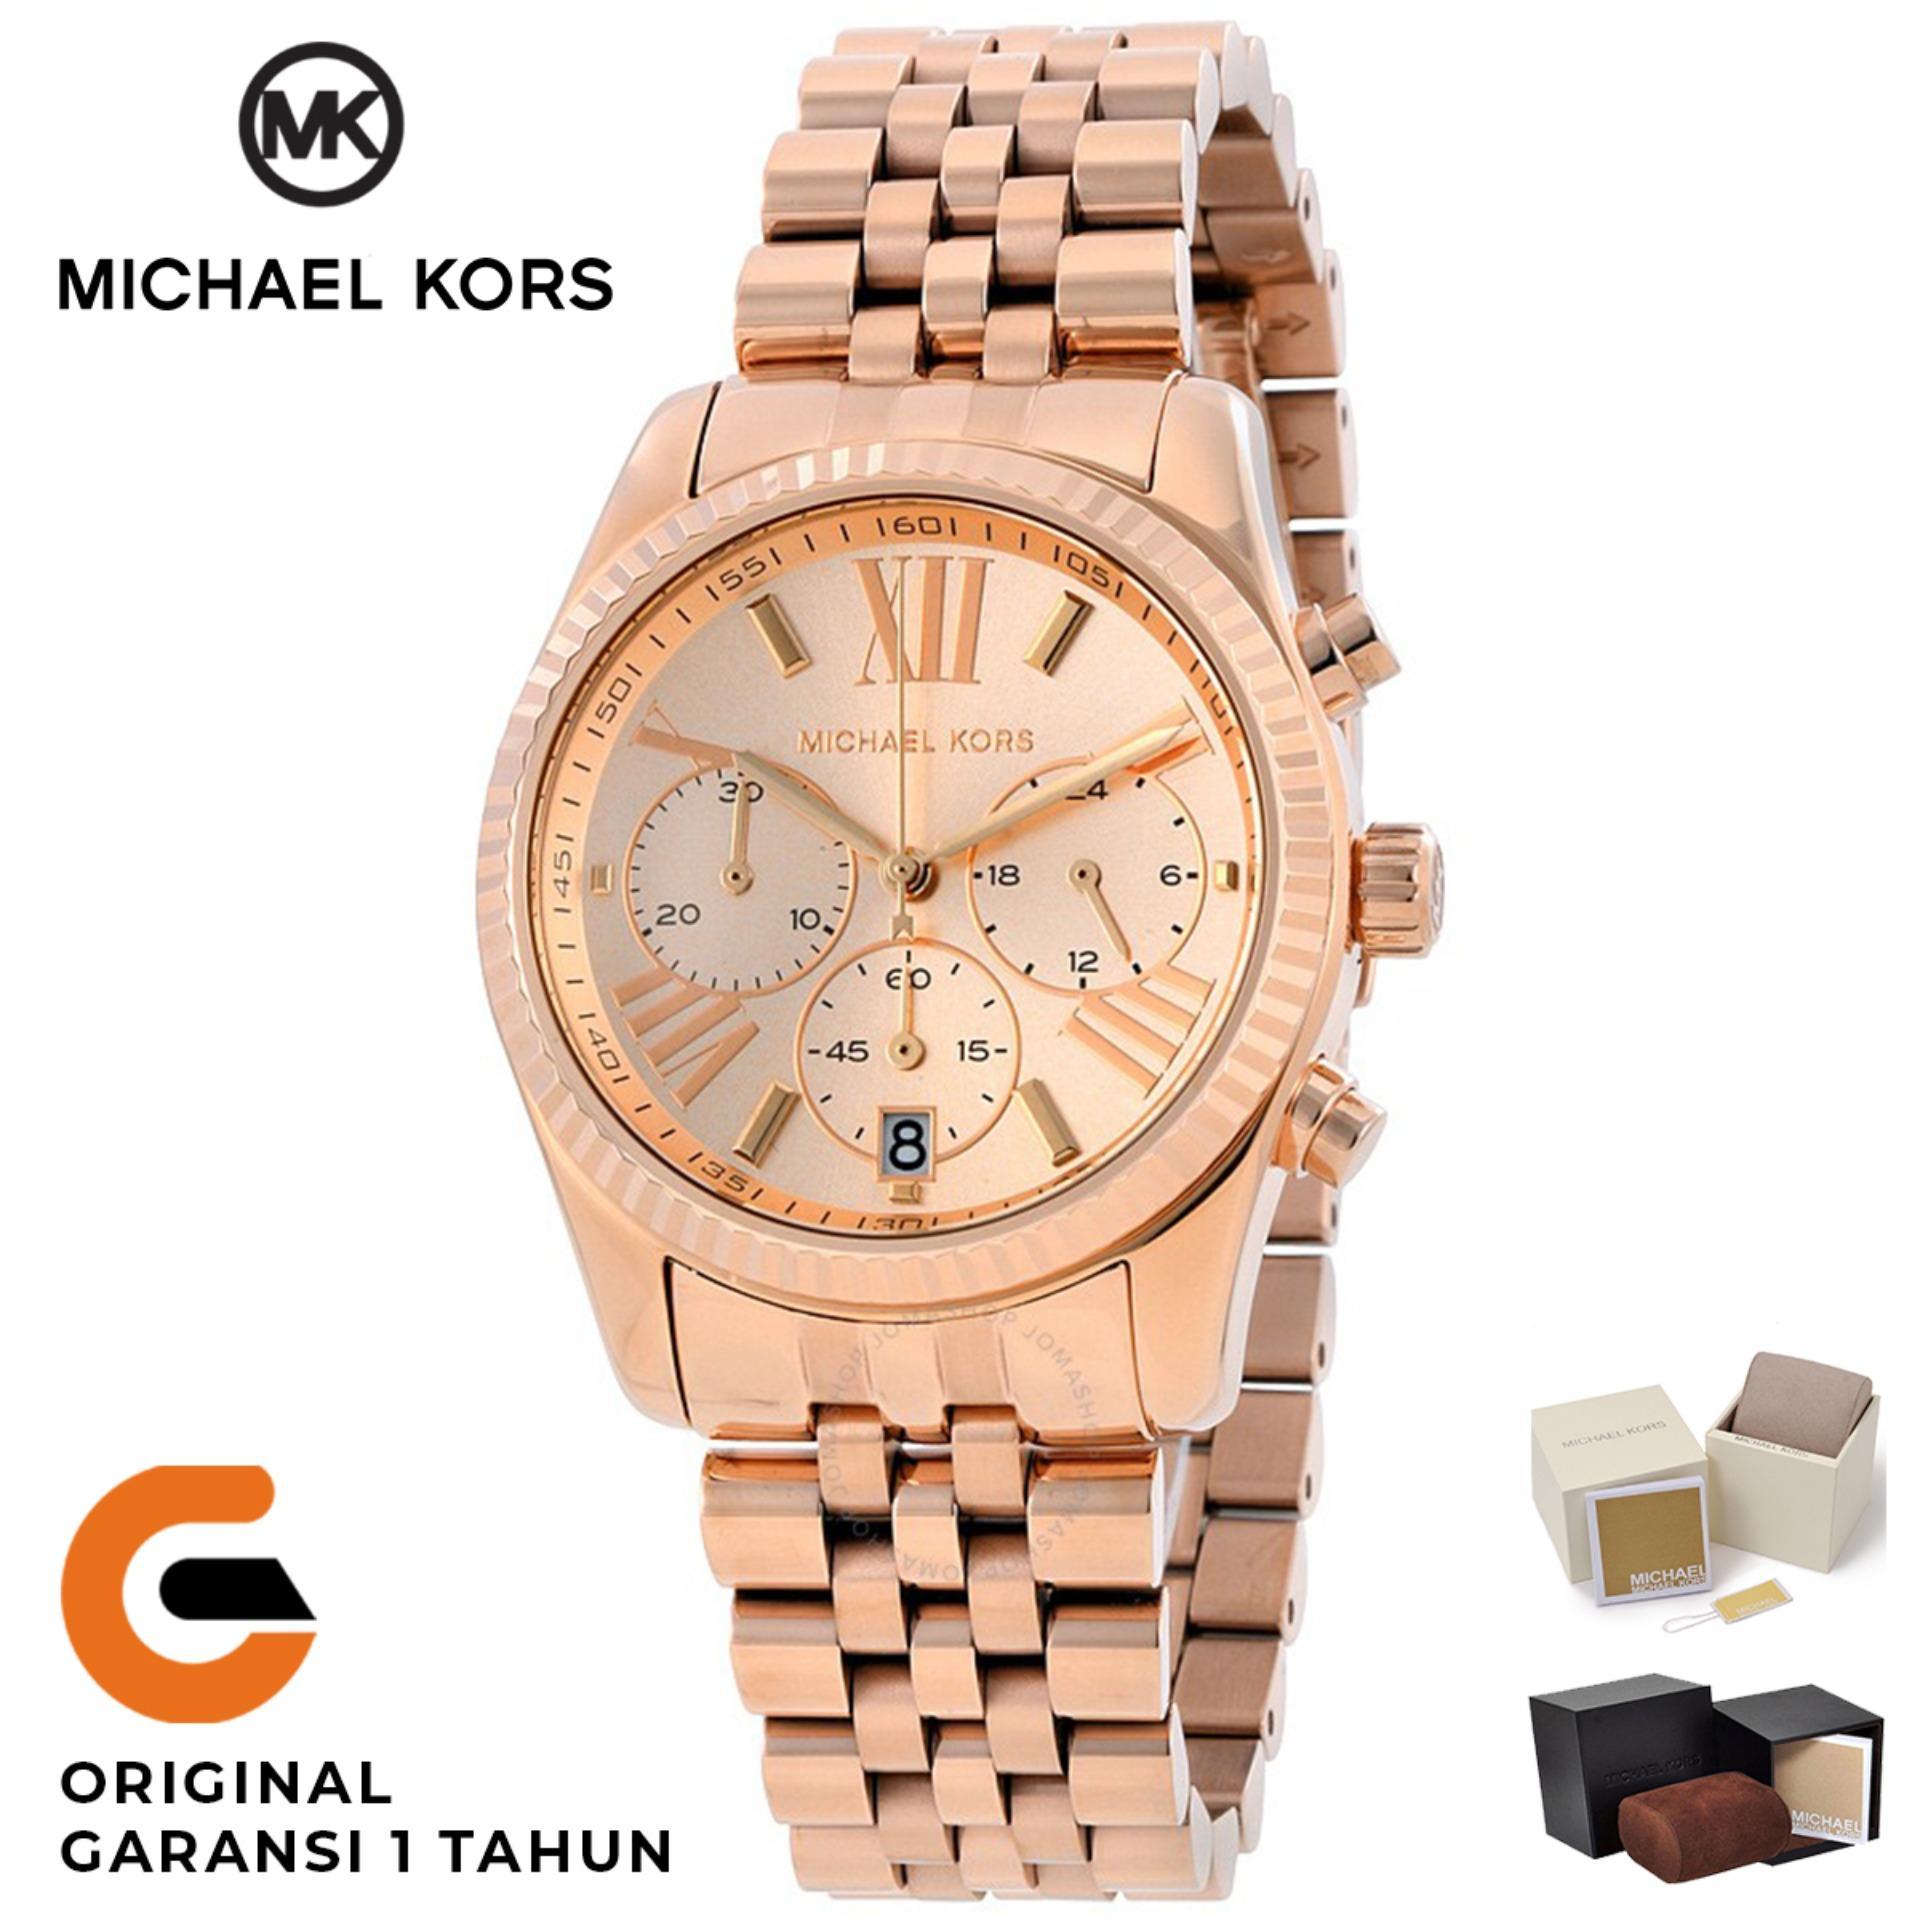 Michael Kors Watch Original Jam Tangan Wanita Michael Kors Lexington MK5569  Tali Rantai Stainless Strap Dial 92f38244c9